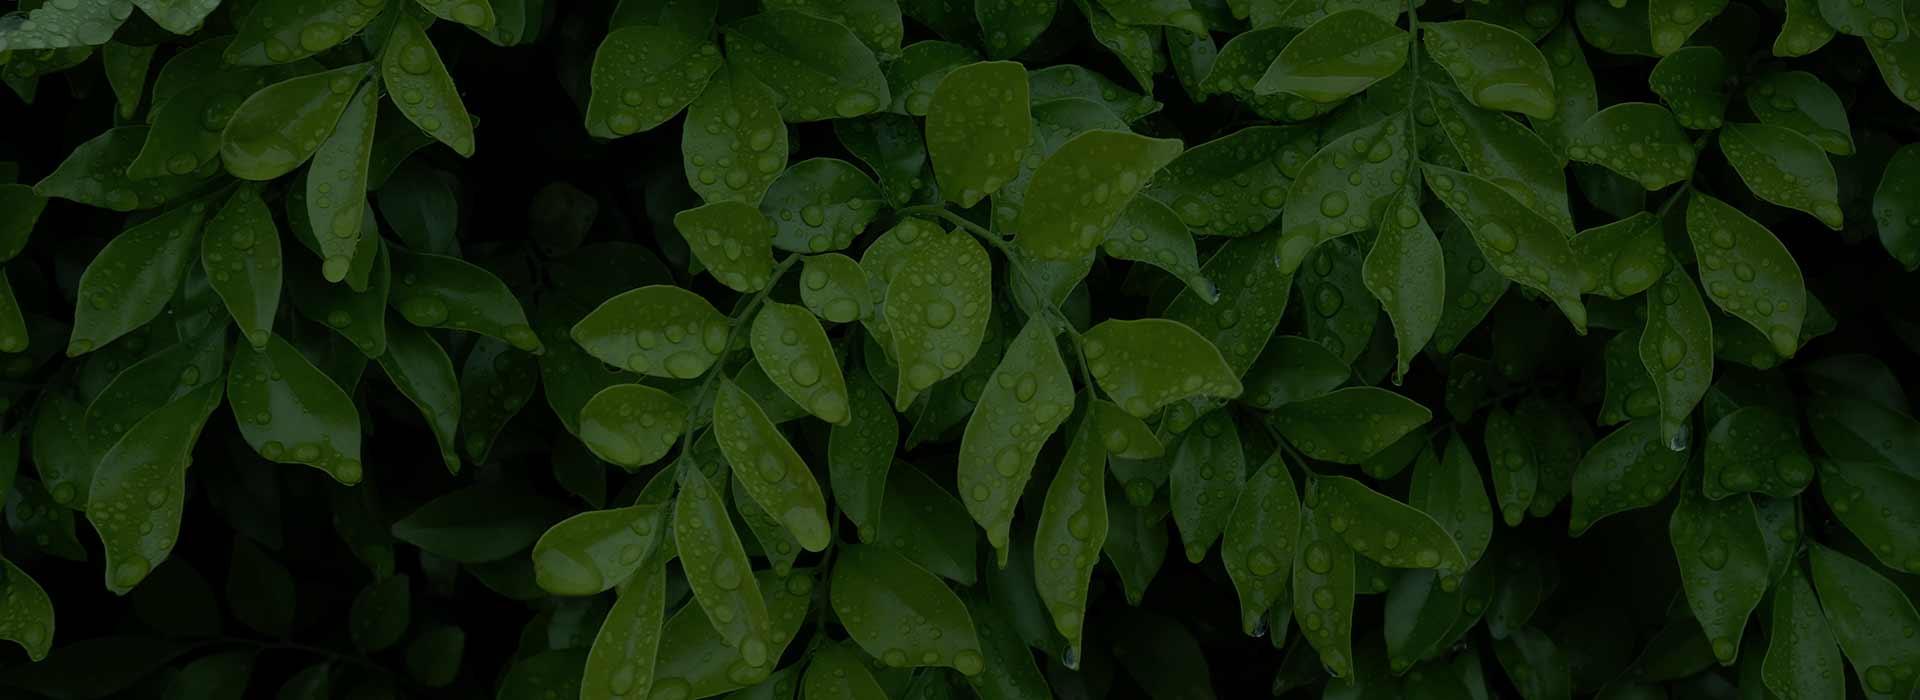 hero-rain-on-leaves-alt